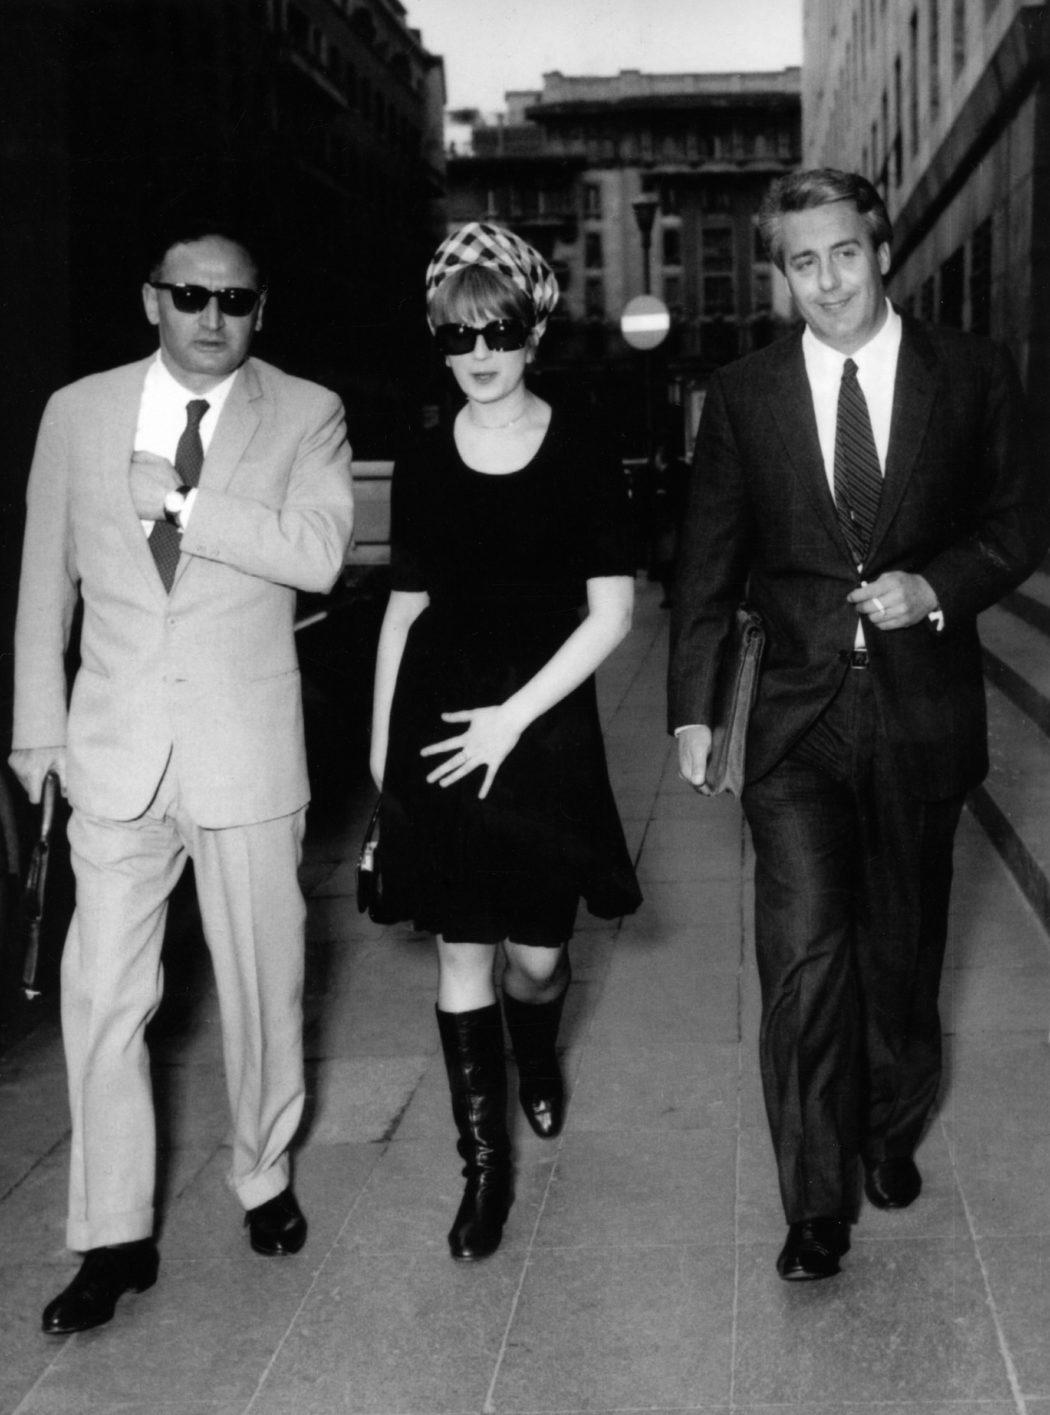 """©lapressespettacolo01-05-1966Minanella foto: causa d'appello tra la casa musicale """"Ducale"""" e la cantante Mina,riconosciuta inadempiente e ondannata al pagamento dei danni. Mina con l'avvocato Renato D'Auria mentre si reca in tribunale."""